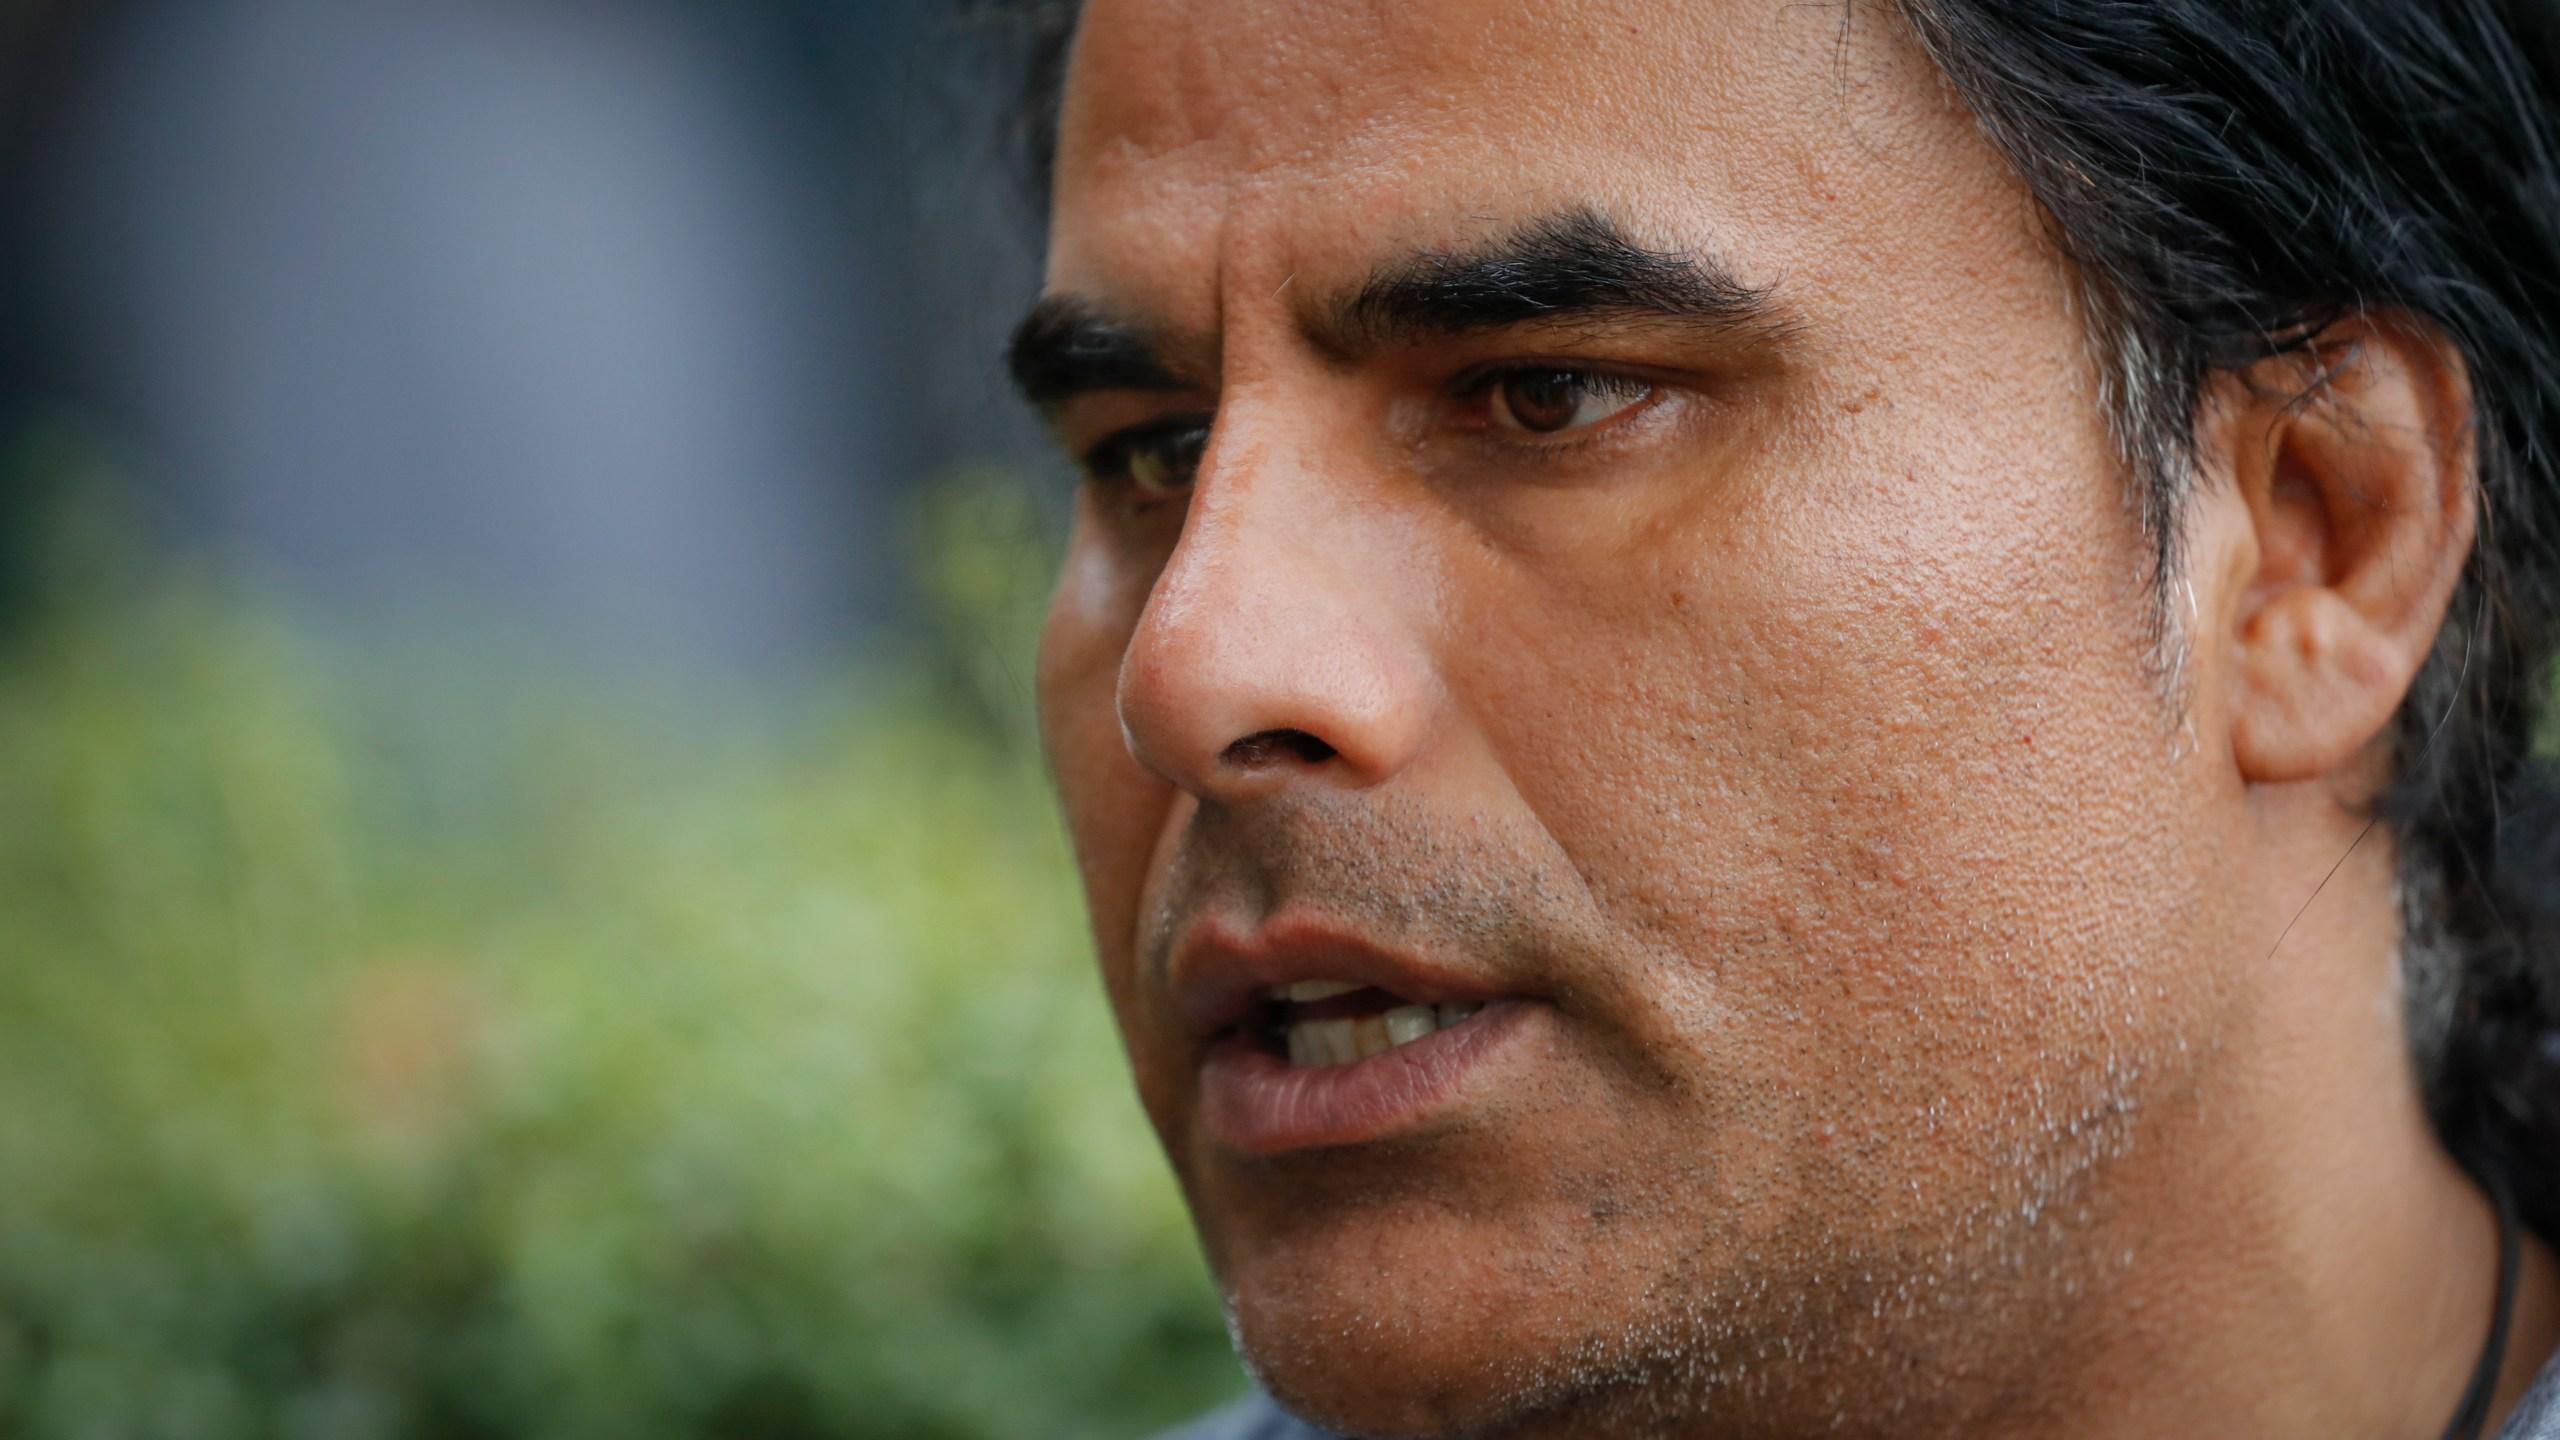 New_Zealand_Mosque_Shooting_Hero_24828-159532.jpg12998600